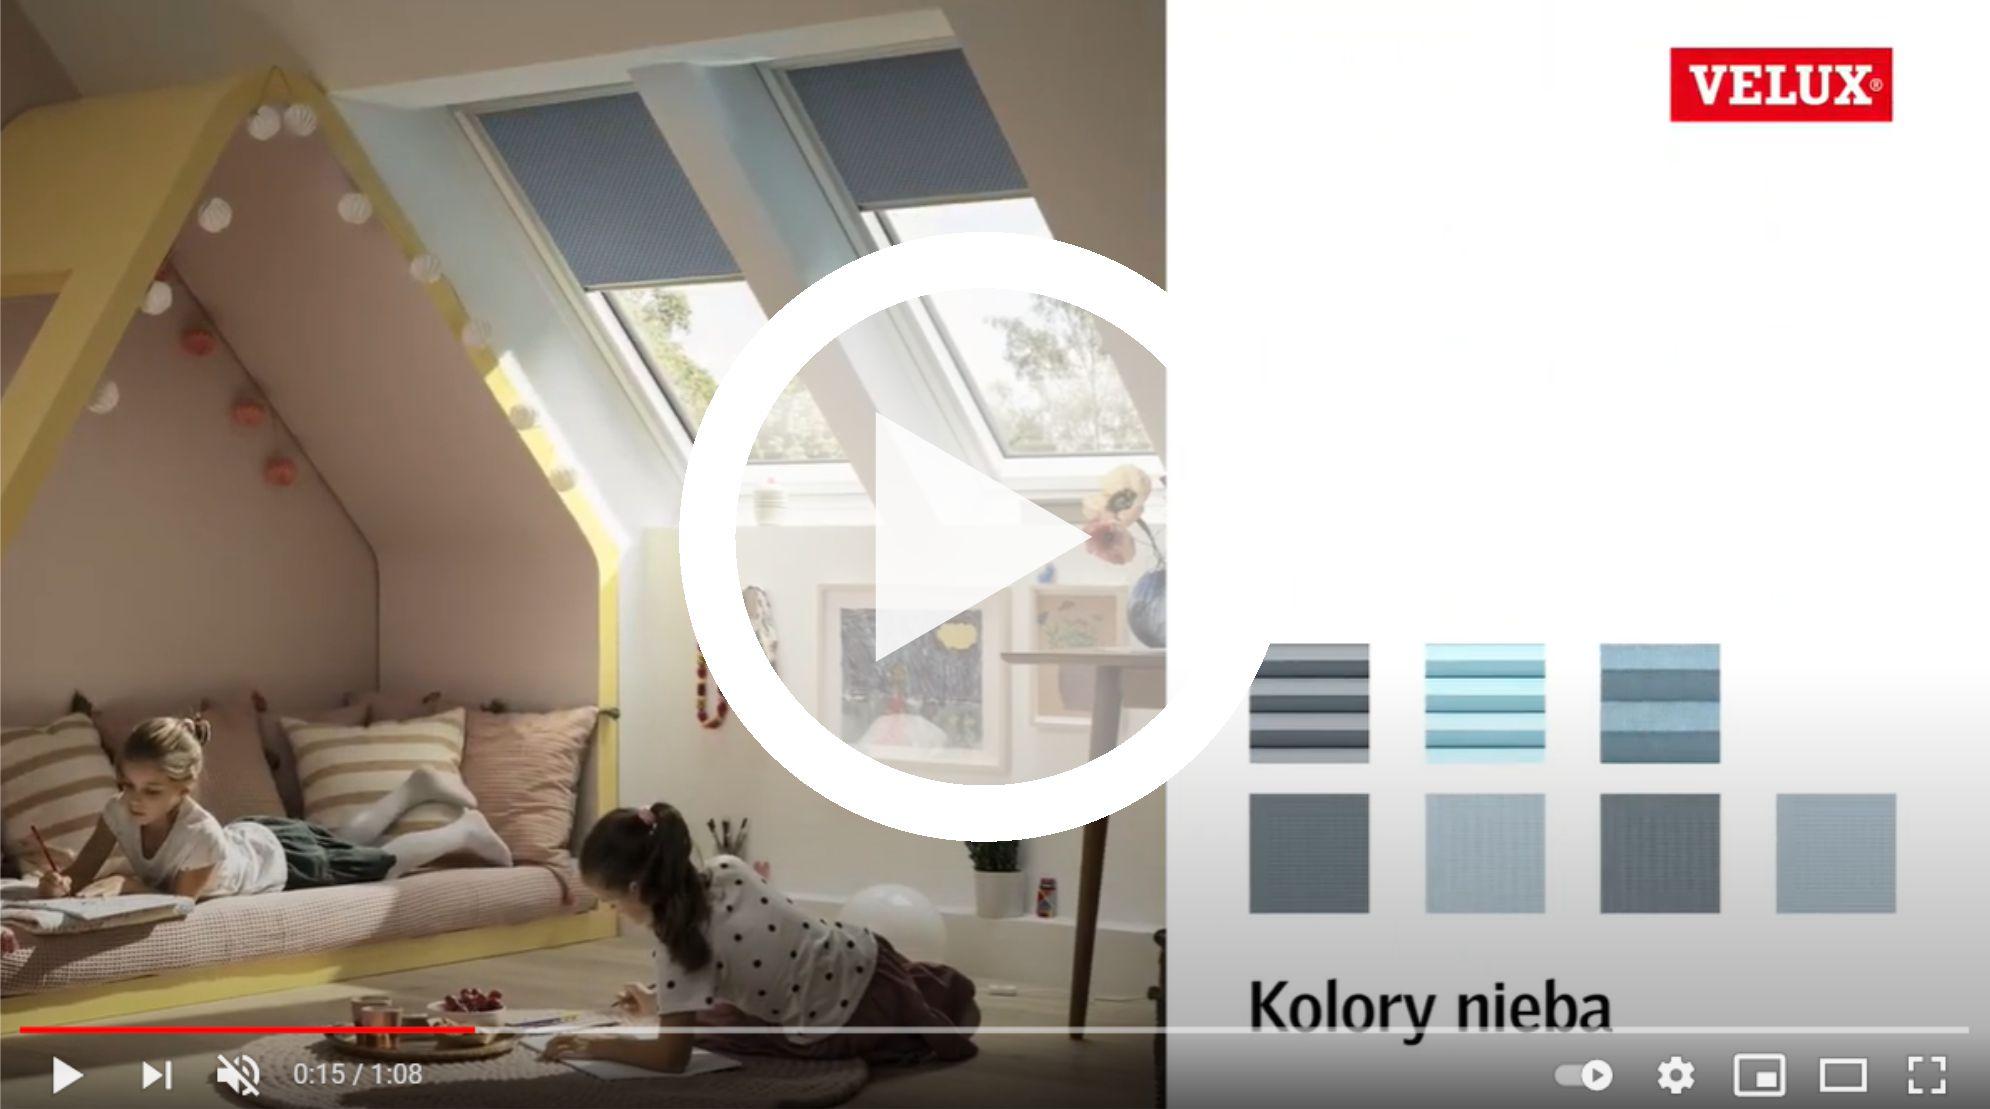 nowa-kolekcja-rolet-na-okna-dachowe-velux-znajdz-swoj-kolor-nieba